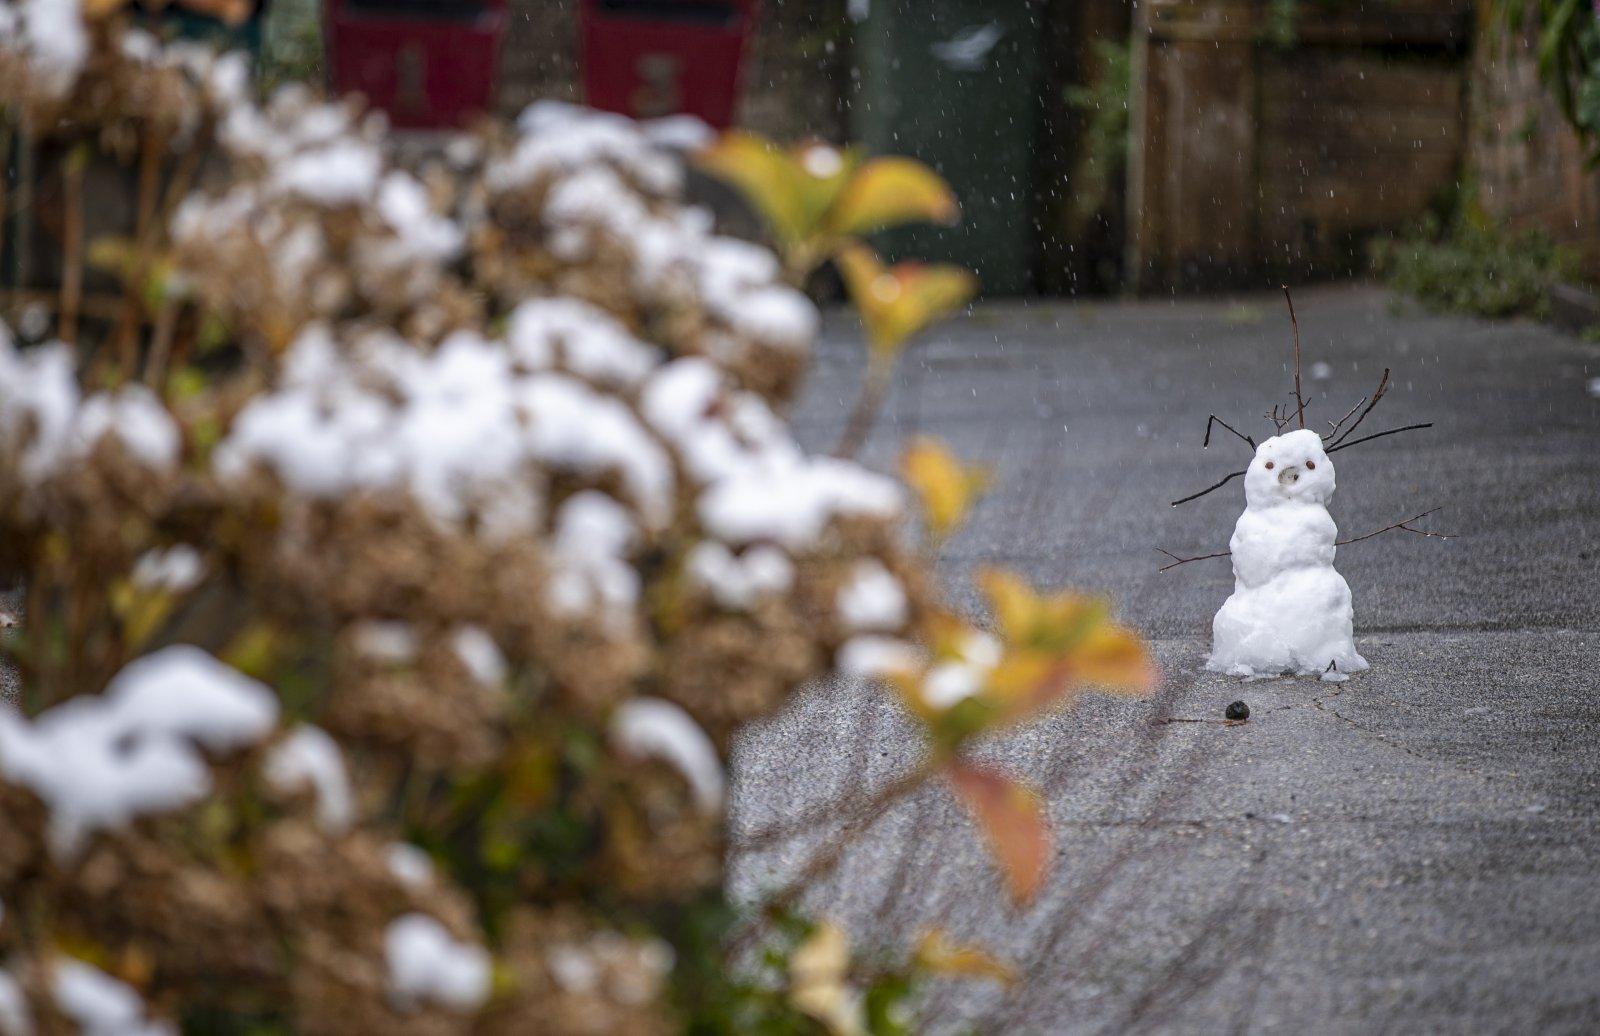 這是6月10日在澳大利亞新南威爾士州藍山地區拍攝的雪人。(新華社)